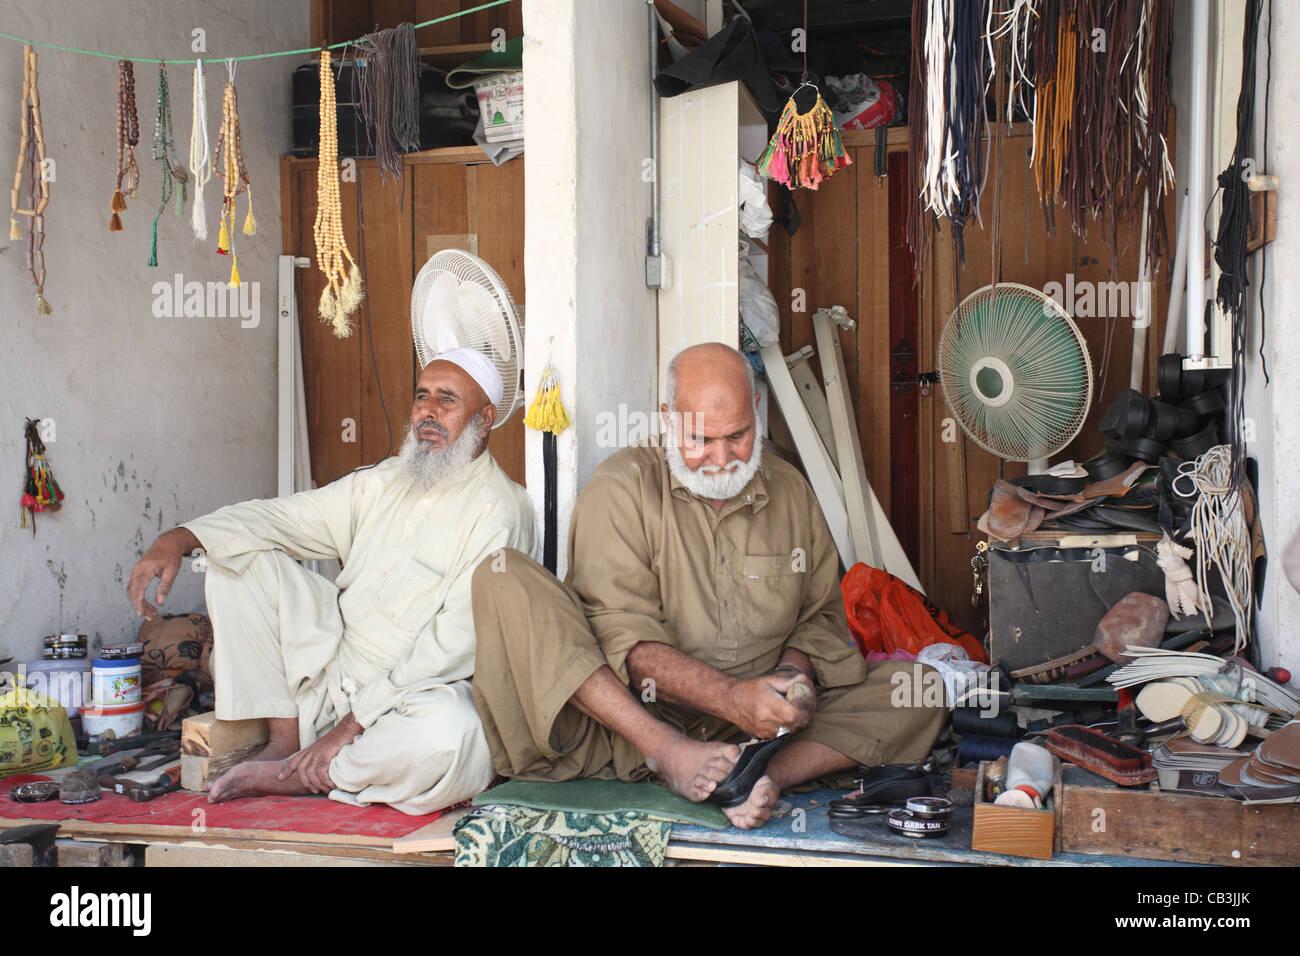 Two shoe repair men at work in their